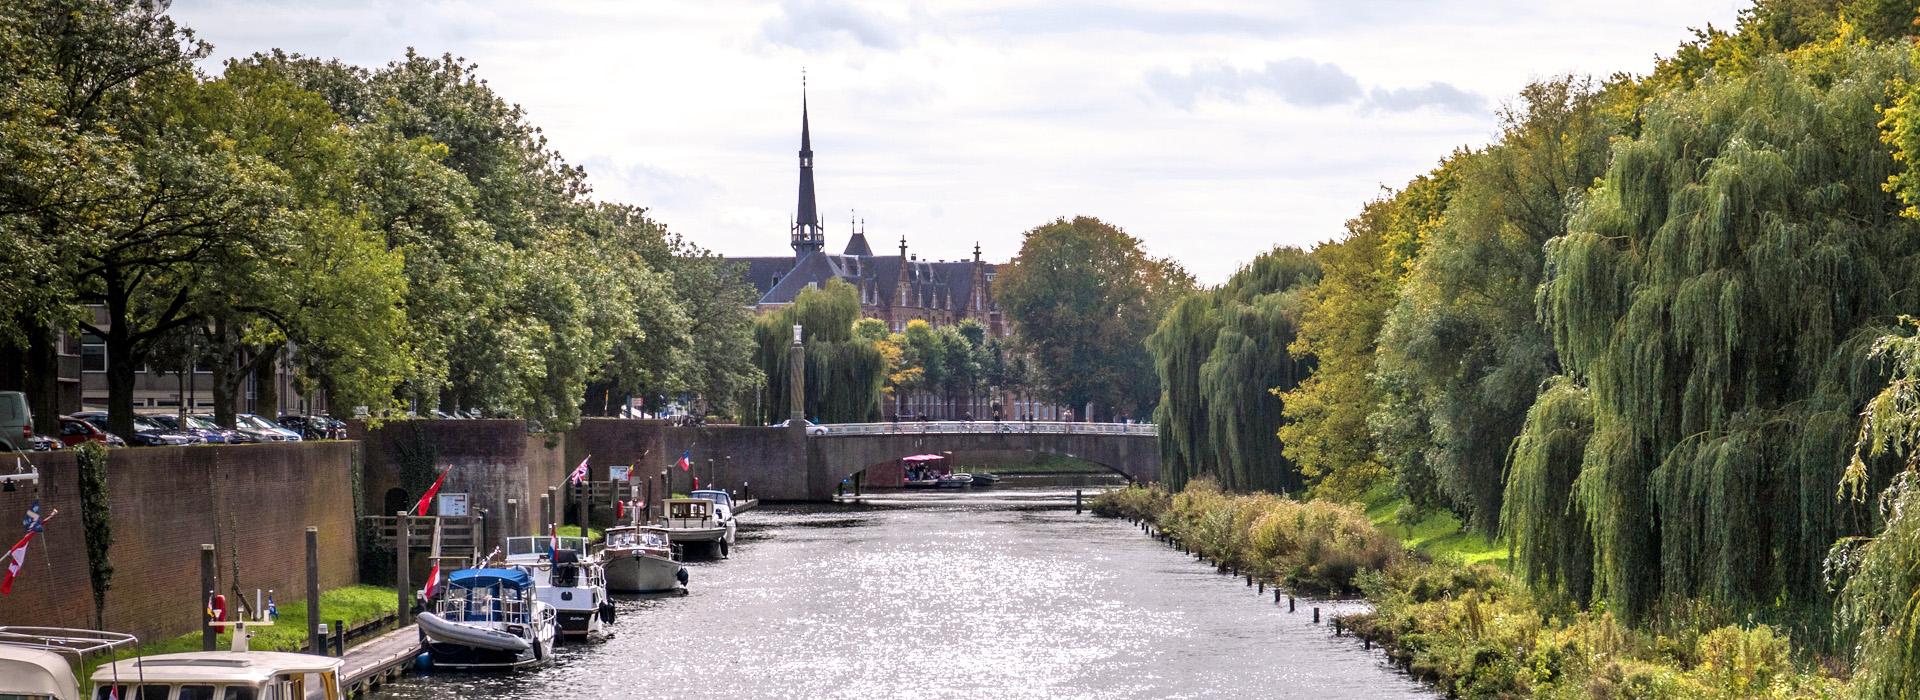 city view of Den Bosch